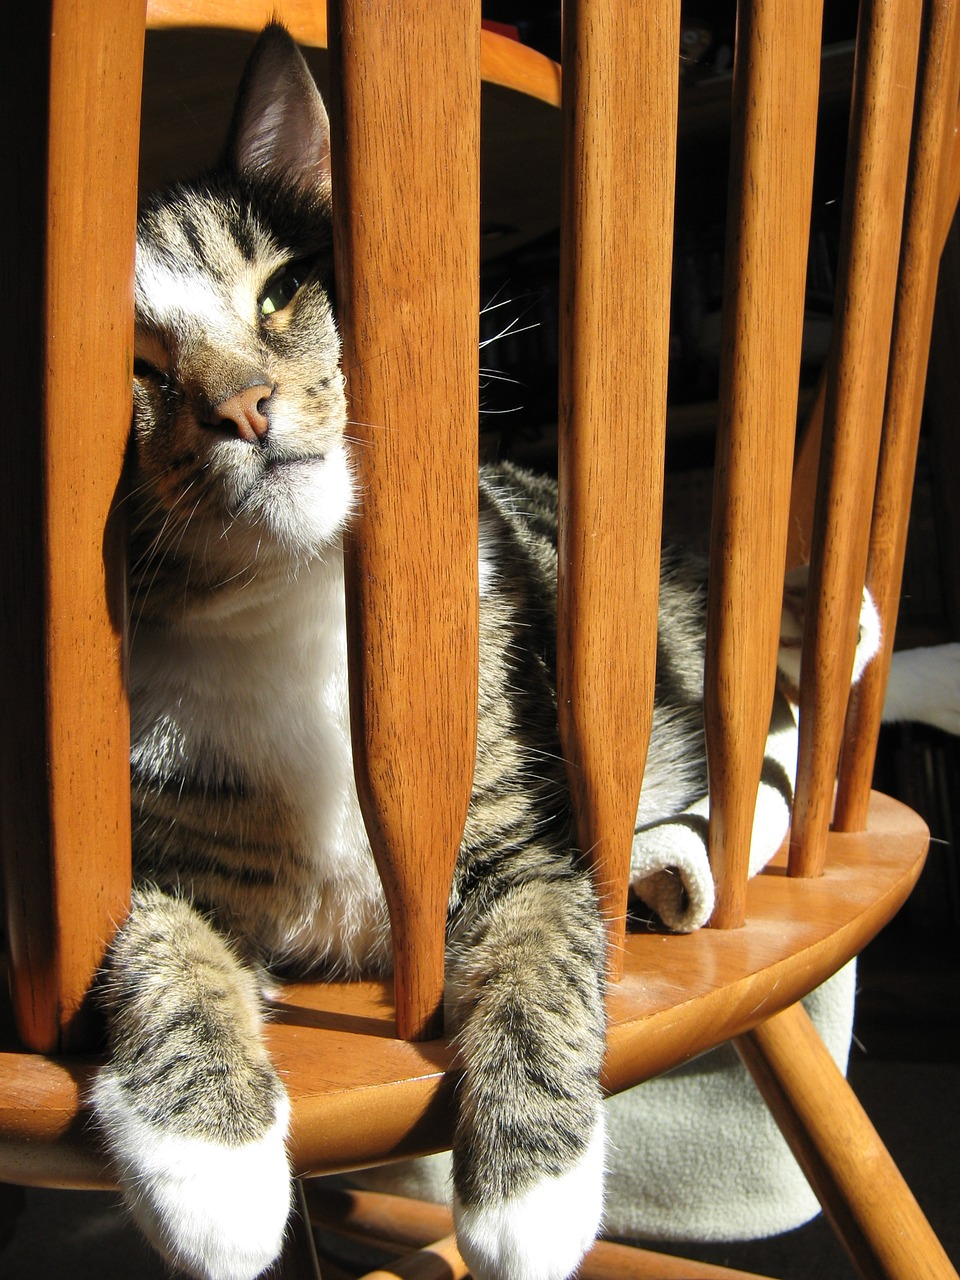 cat-1819447_1280 (1)